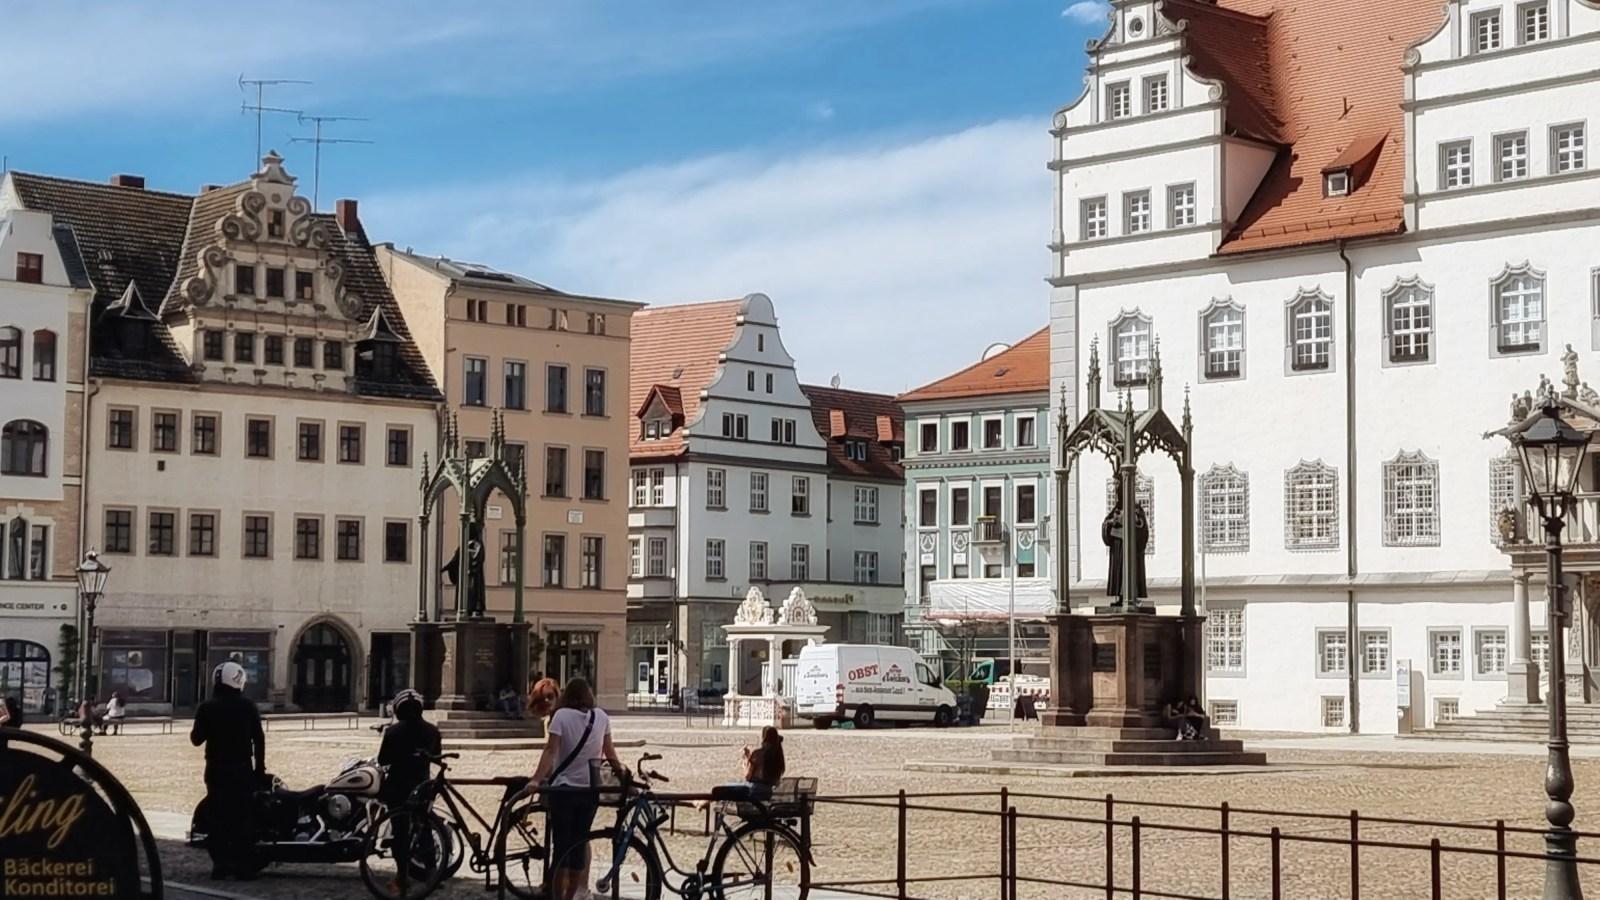 Welches Bundesland hat die meisten UNESCO-Weltkulturerben? Sachsen-Anhalt